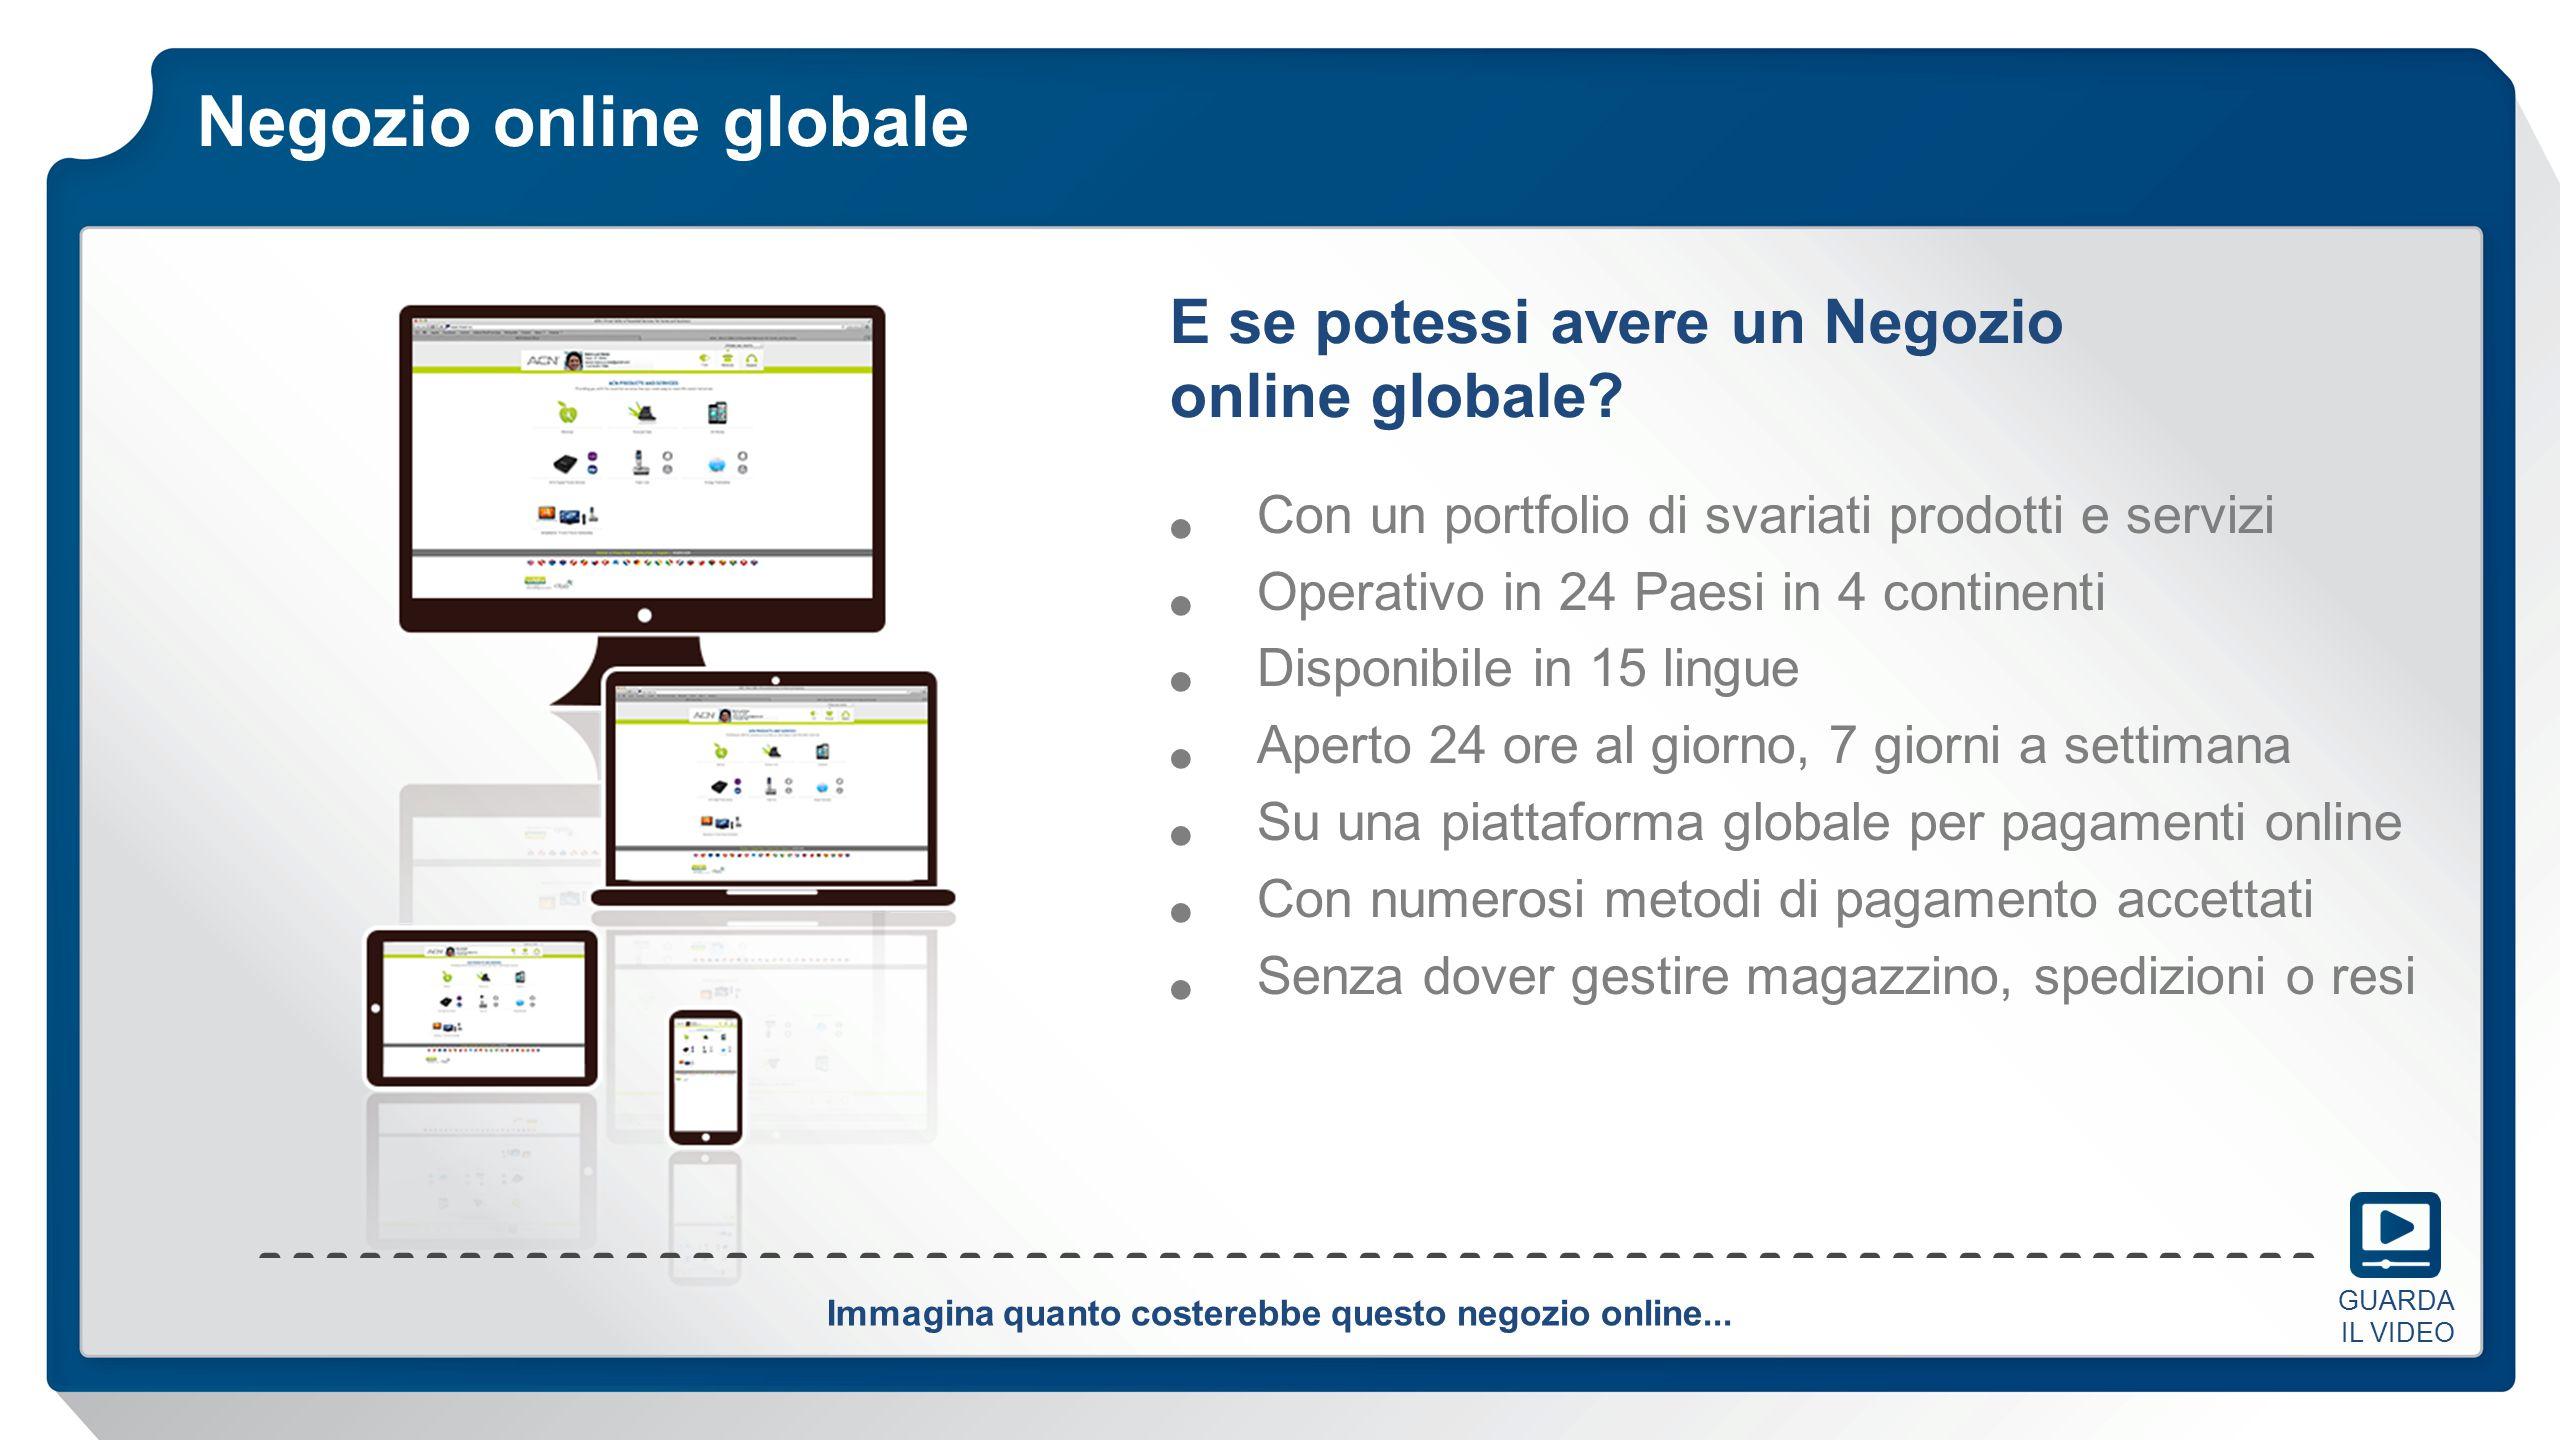 Negozio online globale Con un portfolio di svariati prodotti e servizi Operativo in 24 Paesi in 4 continenti Disponibile in 15 lingue Aperto 24 ore al